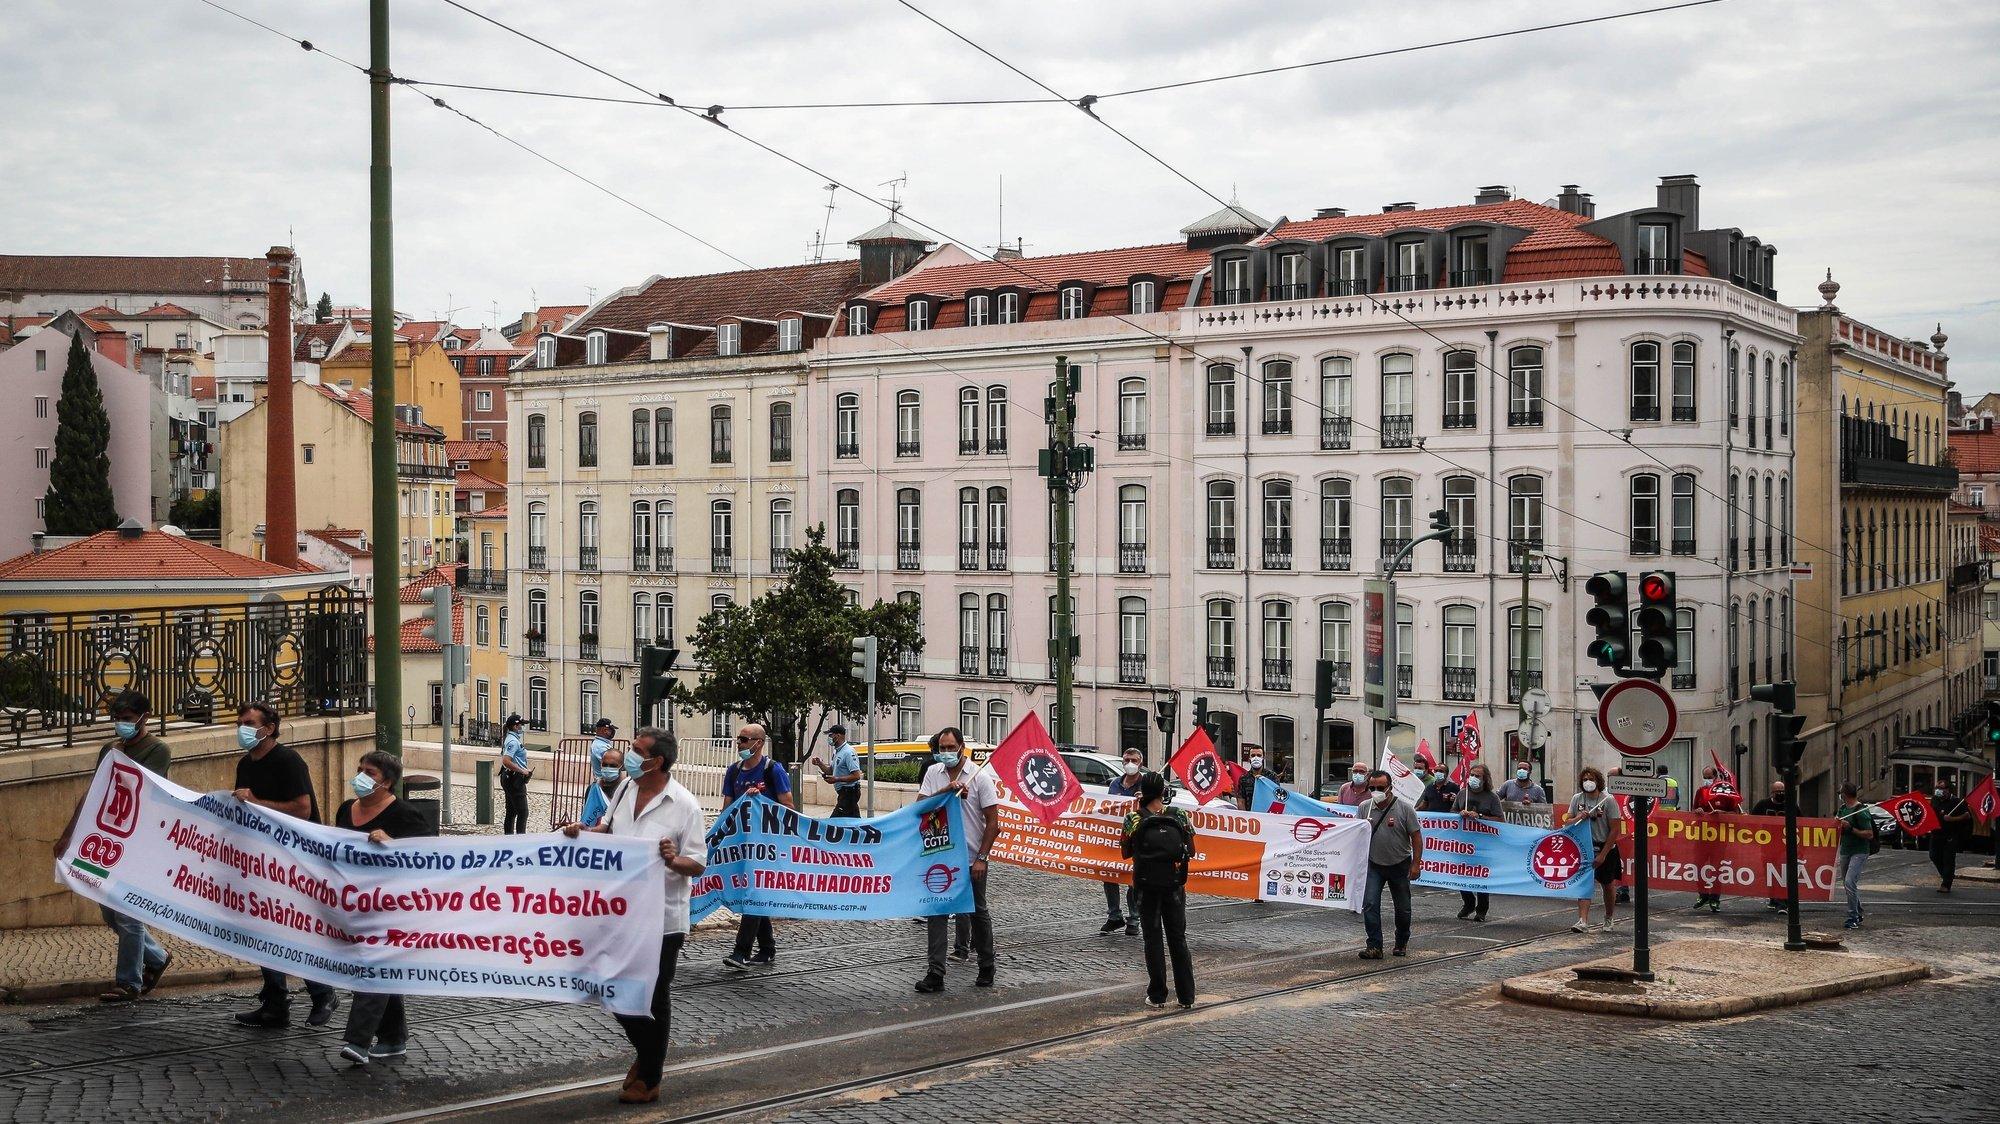 """Trabalhadores do setor ferroviário participam numa manifestação para reinvindicar """"um aumento geral dos salários urgente"""", em Lisboa, 6 de julho de 2021. O protesto junta trabalhadores da CP, IP-Infraestruturas, IP-Telecom, IP-Engenharia e IP-Património. MÁRIO CRUZ/LUSA"""